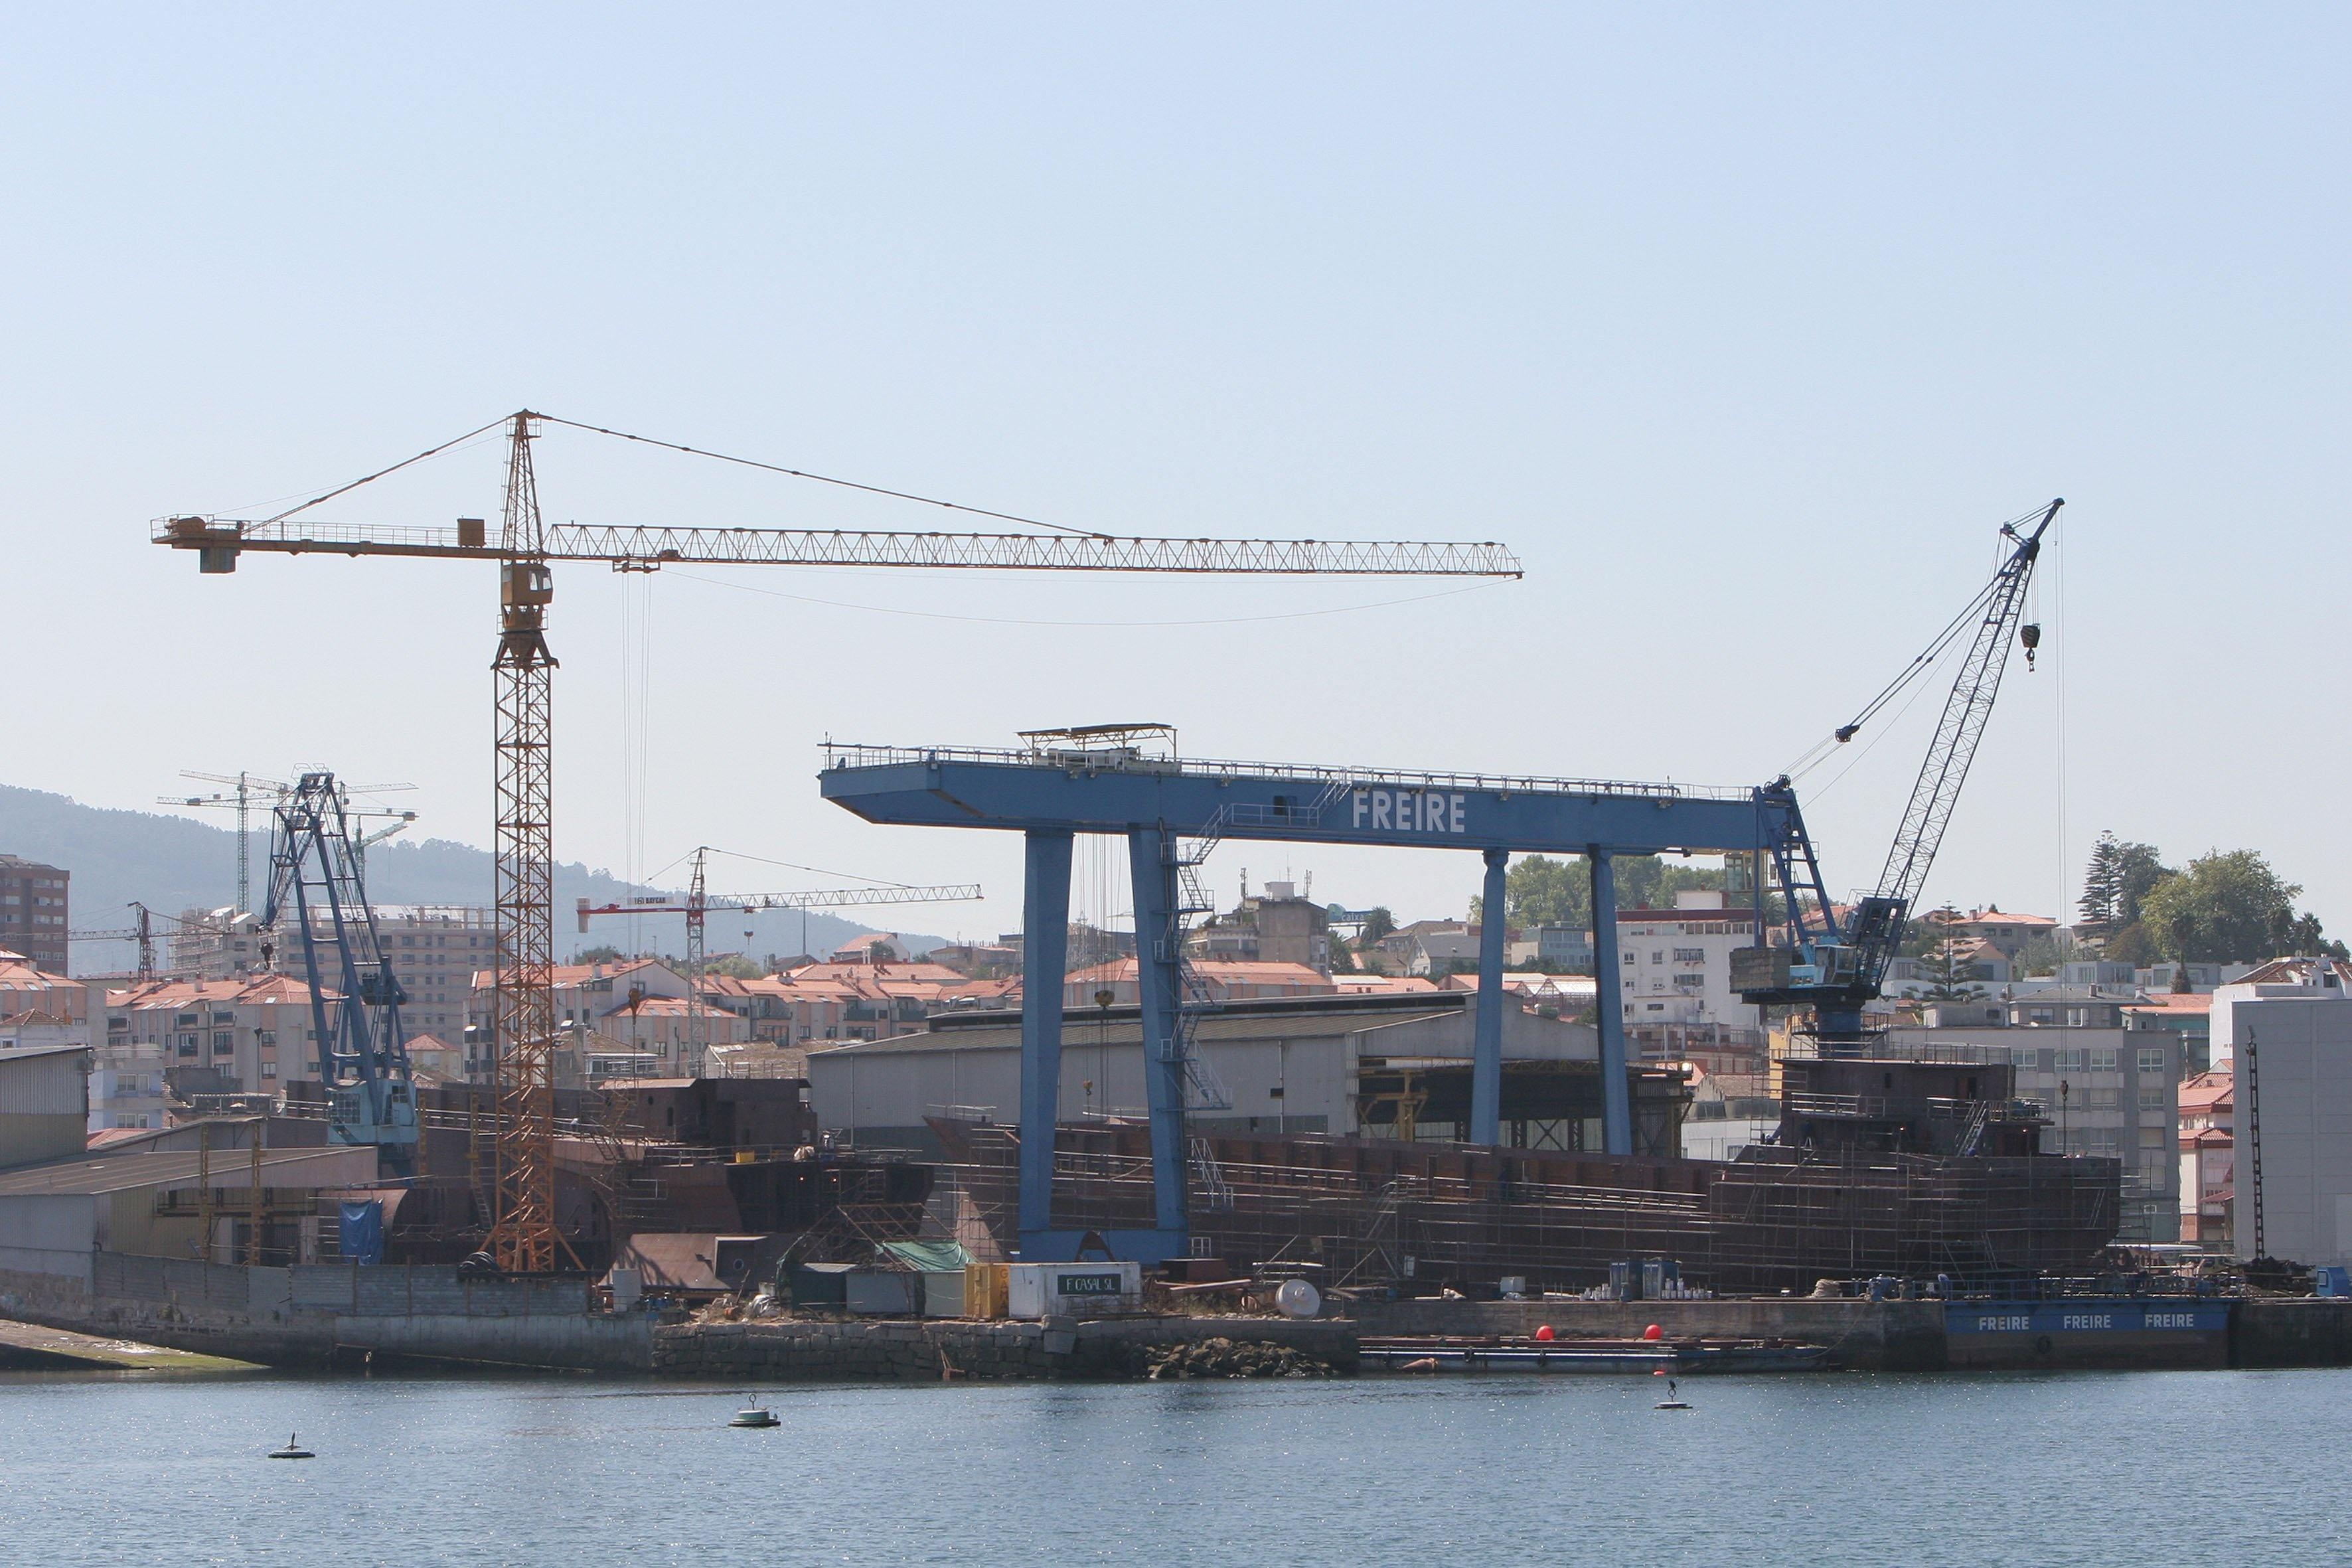 Cantabria no tiene más «margen» para actuar en el sector naval y confía en que se «reencamine» la situación